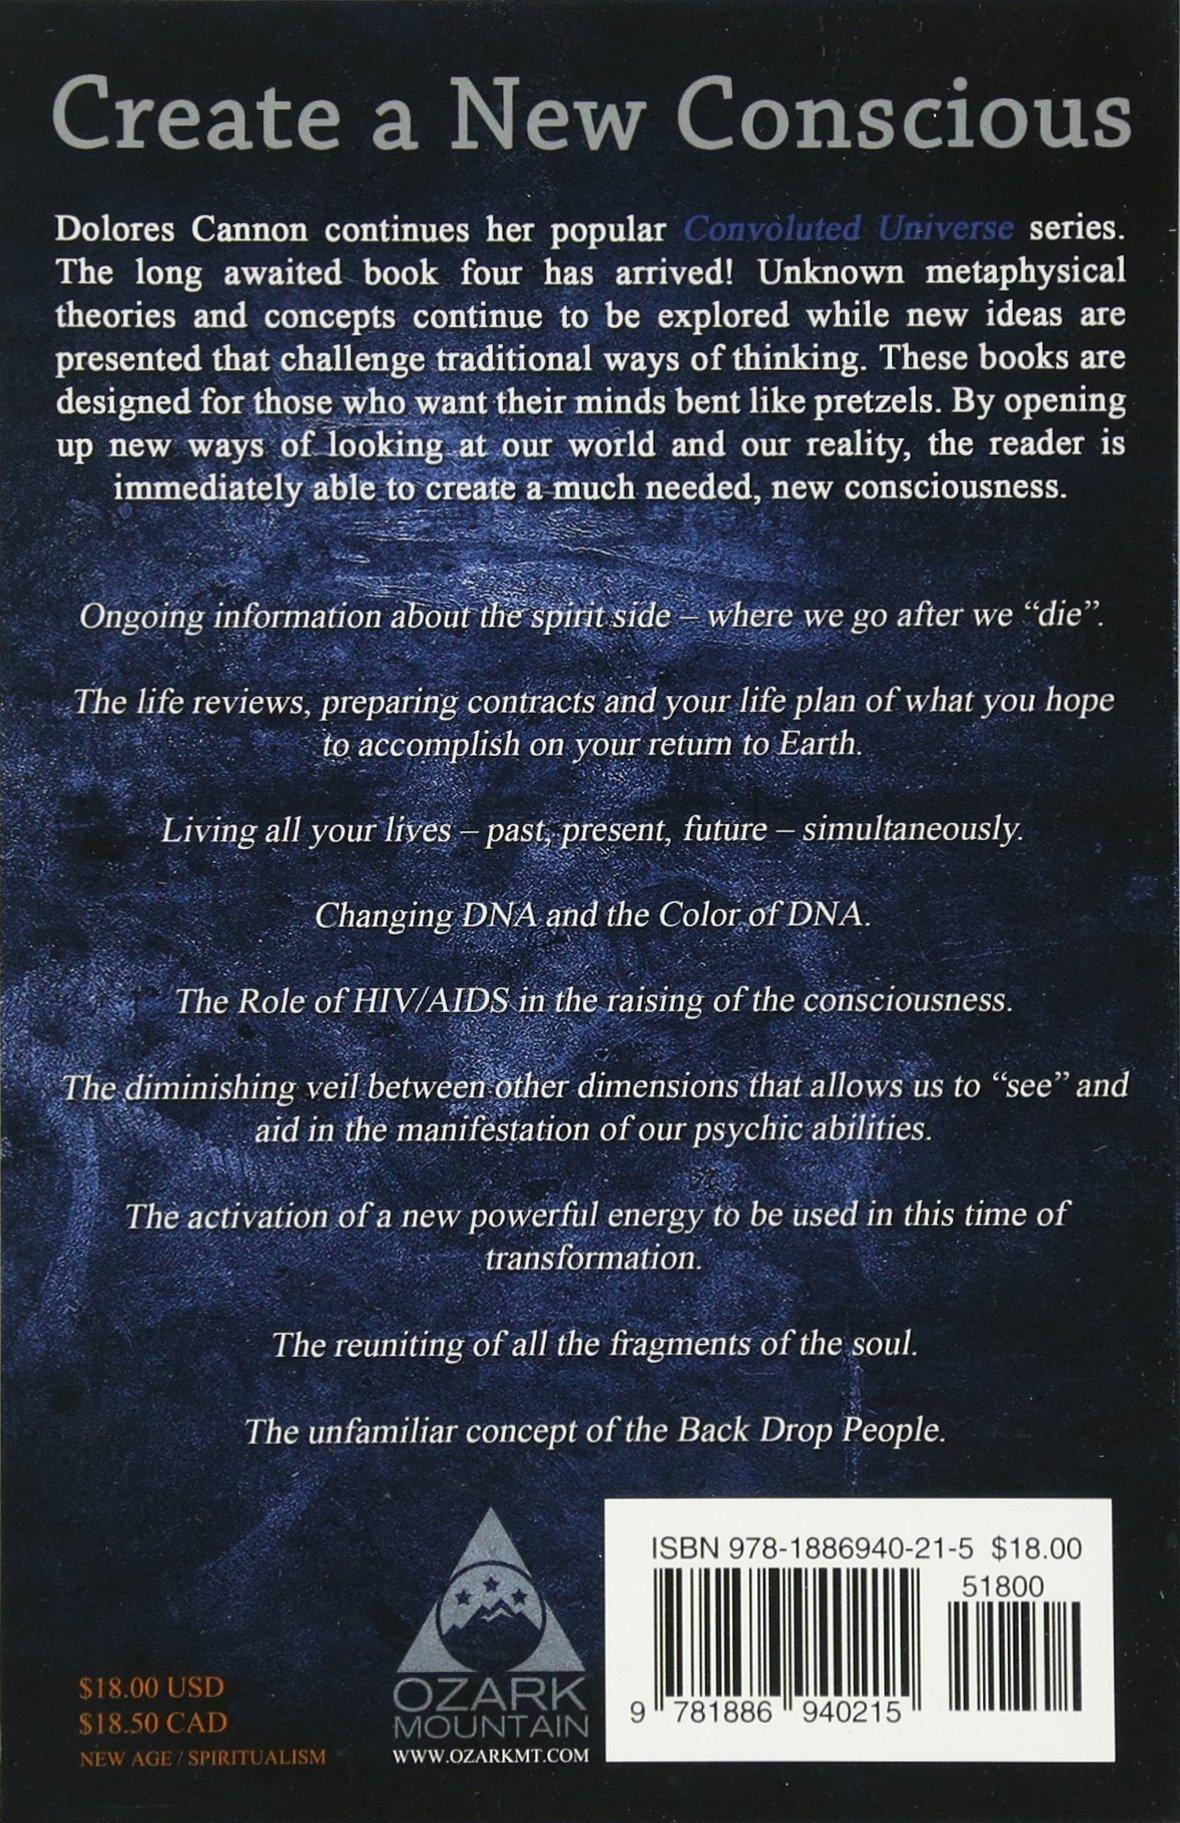 The Convoluted Universe Book IV: Dolores Cannon: 9781886940215: Amazon.com:  Books